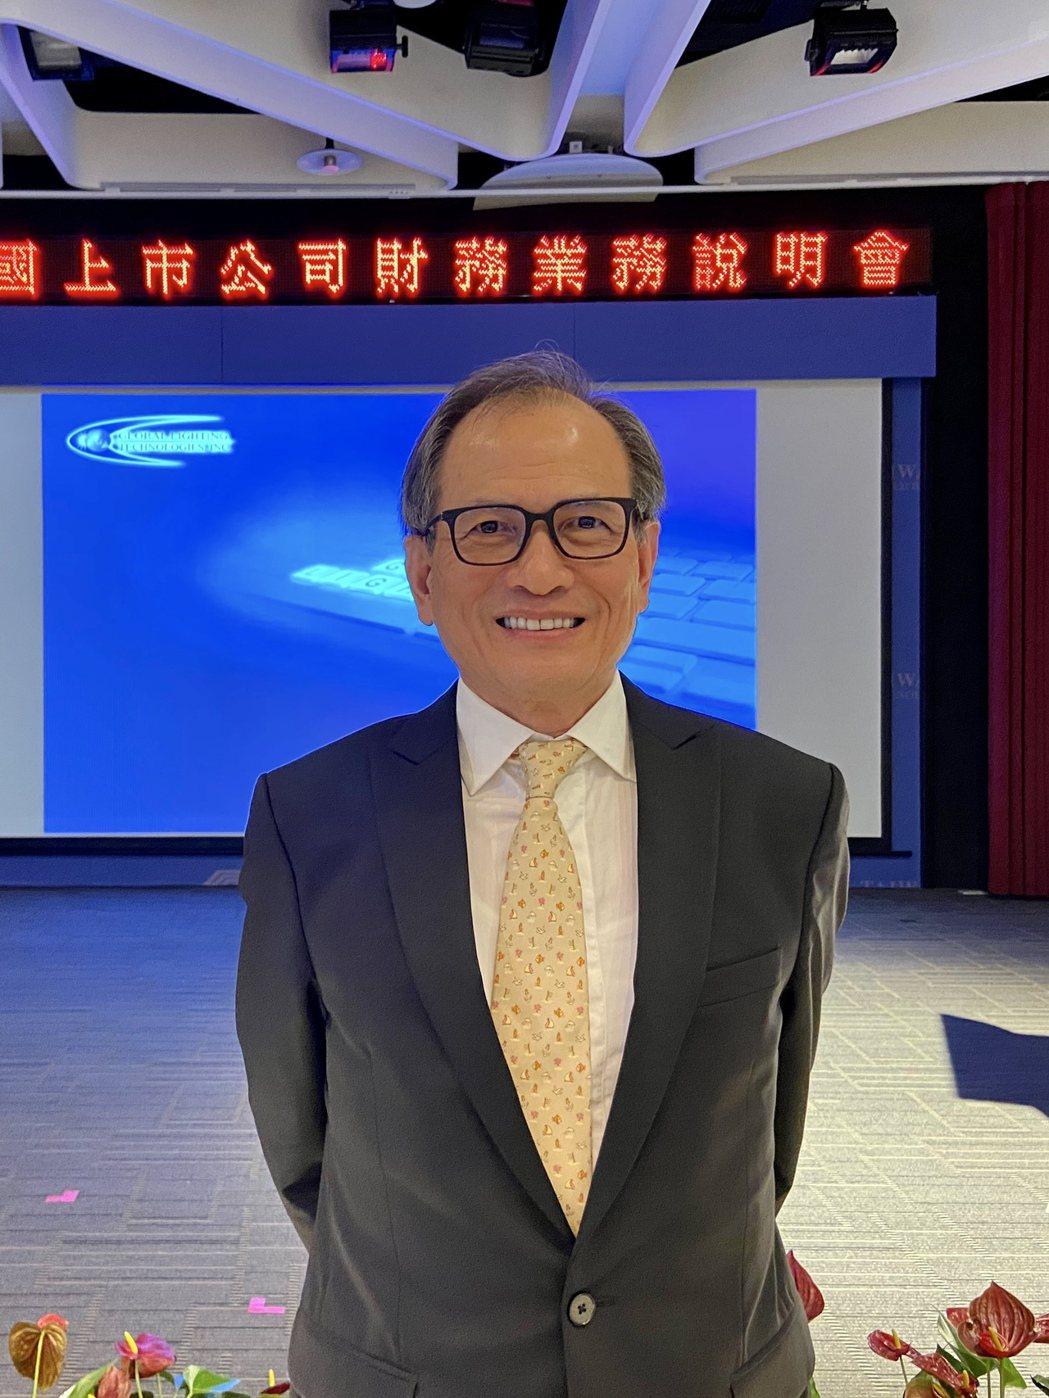 茂林-KY董事長李滿祥。記者康陳剛/攝影